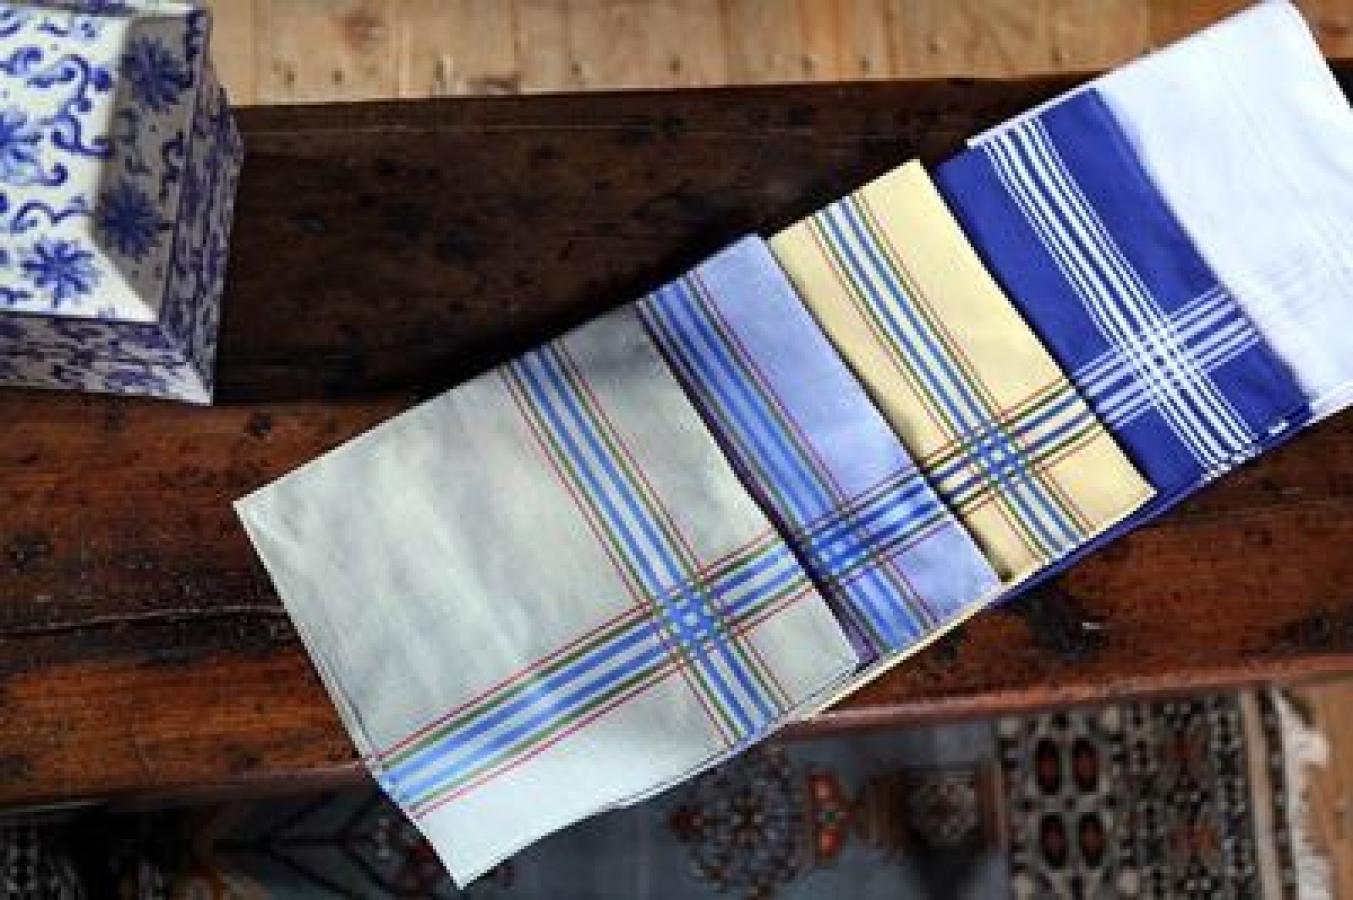 SIMONNOT-GODARD - Créateurs français de mouchoirs batistes et linons de luxe